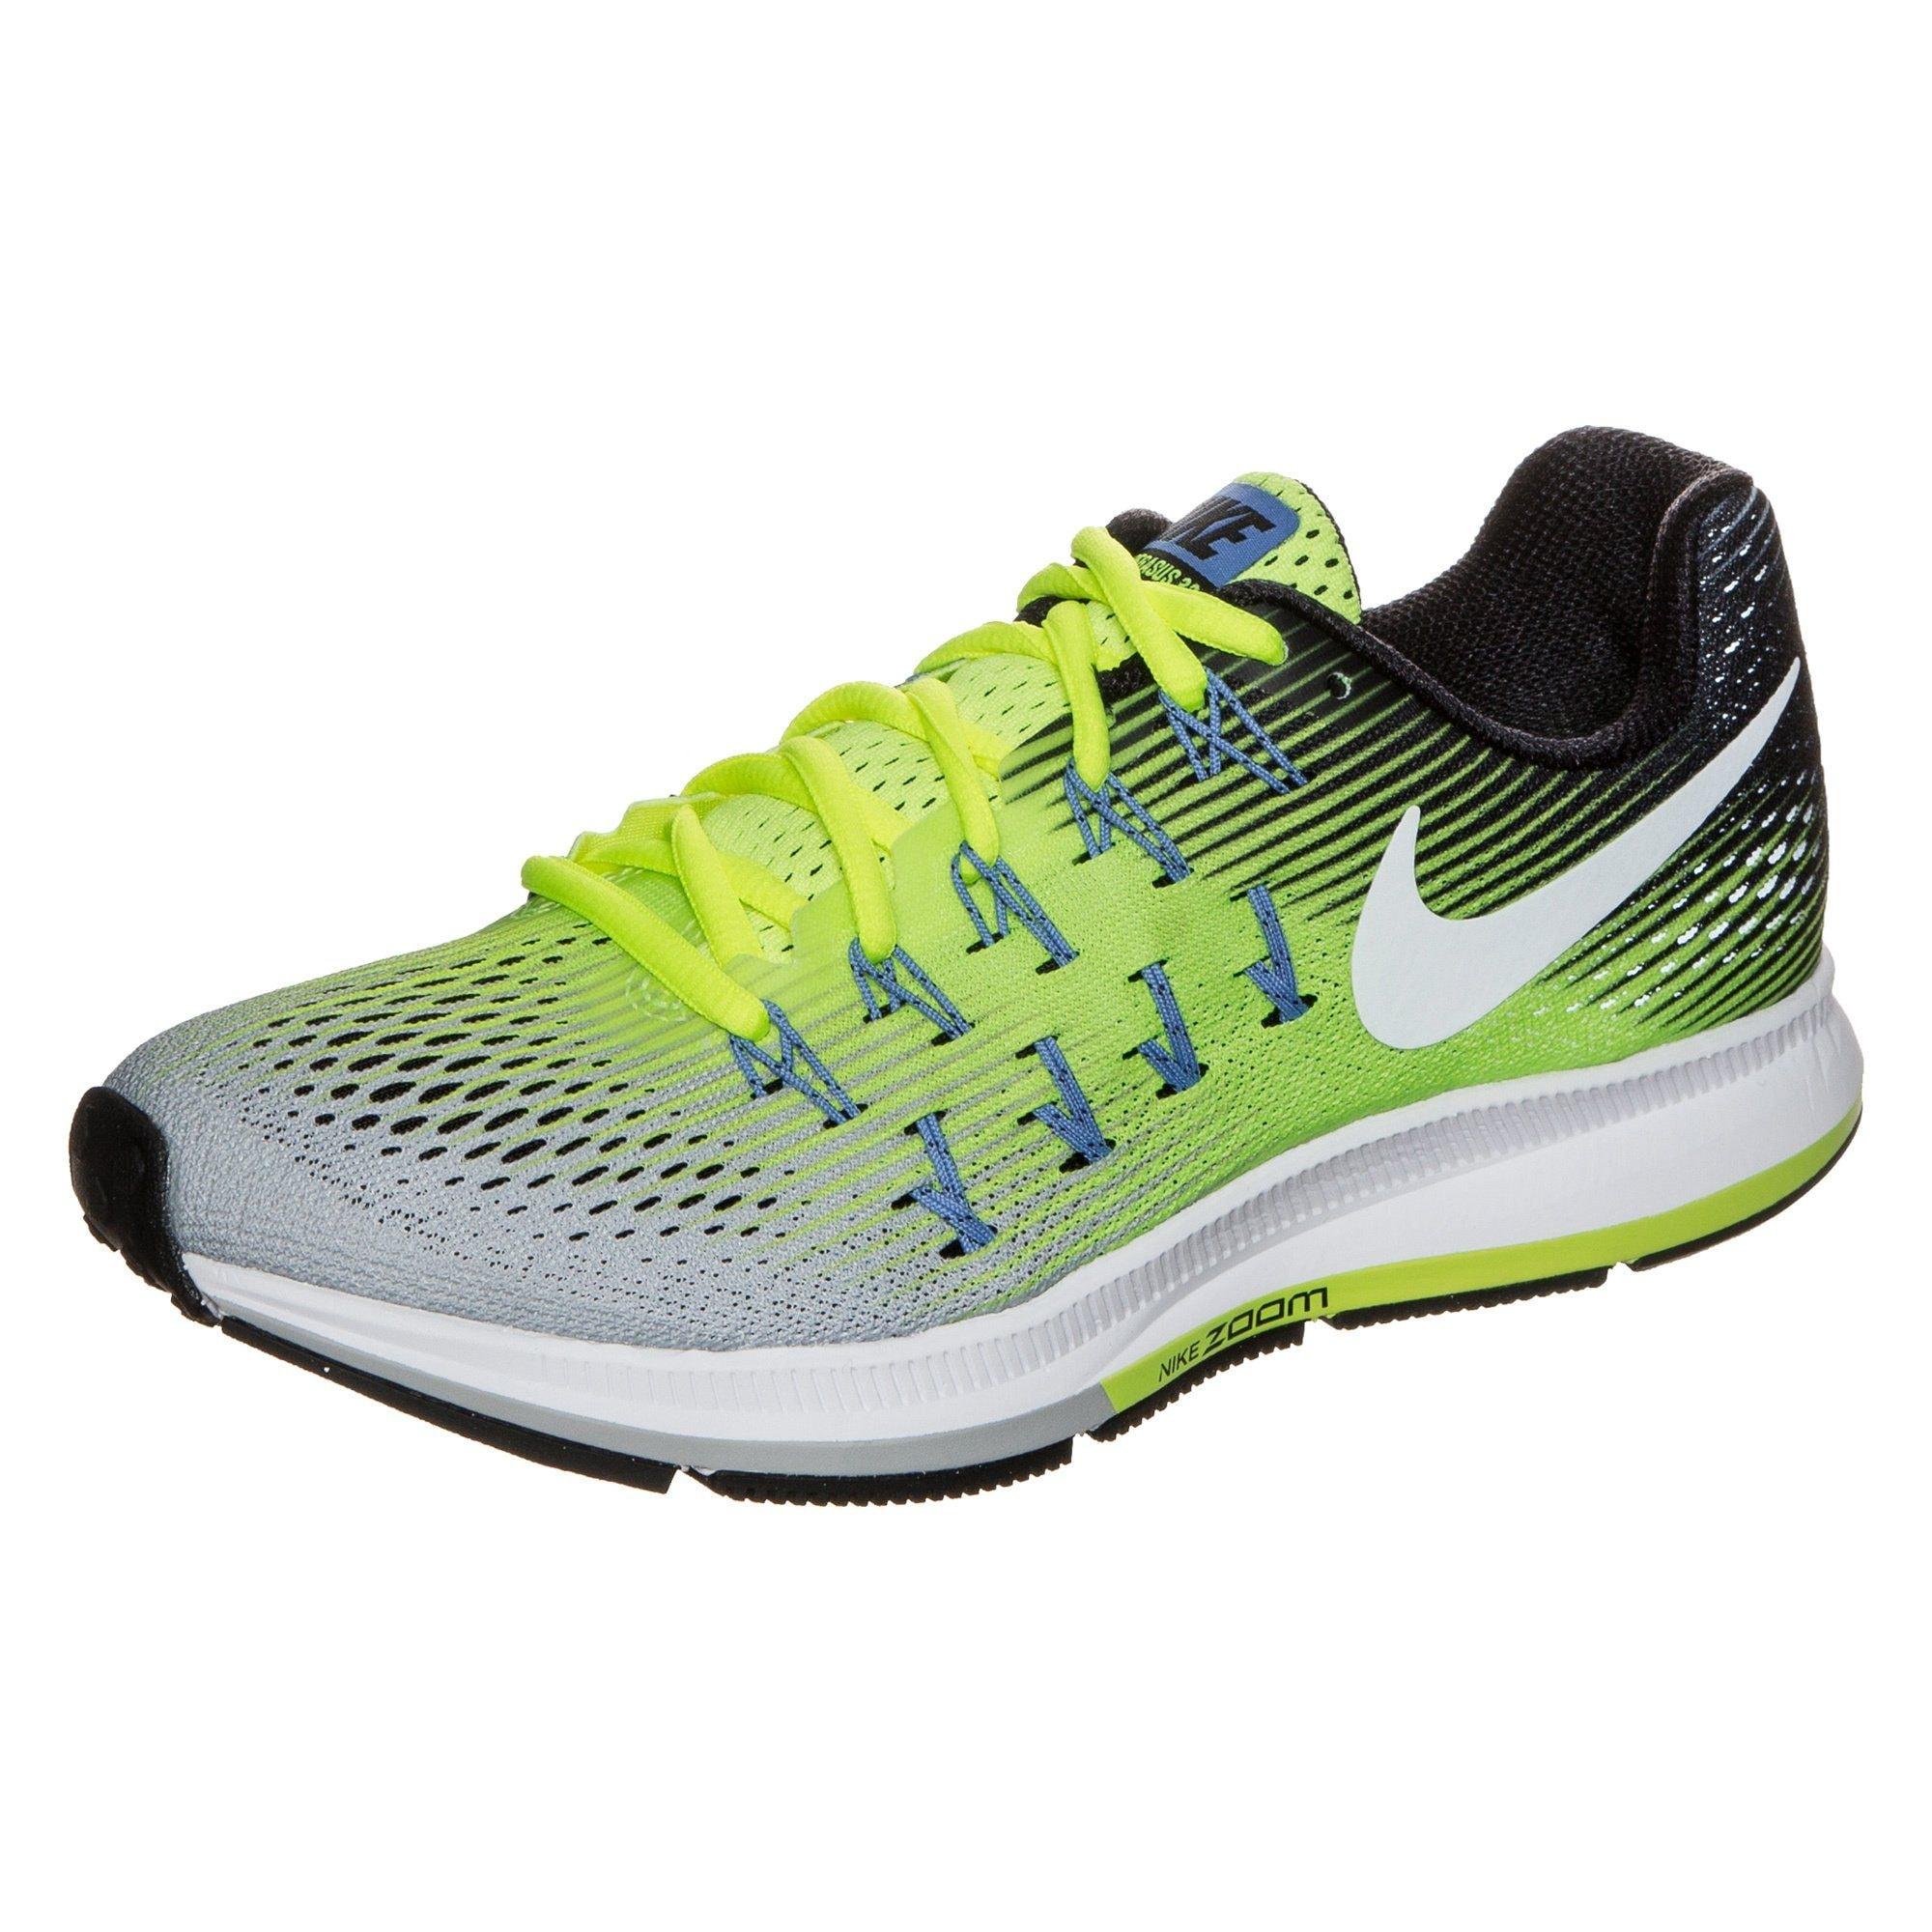 Nike Air Zoom Pegasus 33 Laufschuh Damen | BAUR